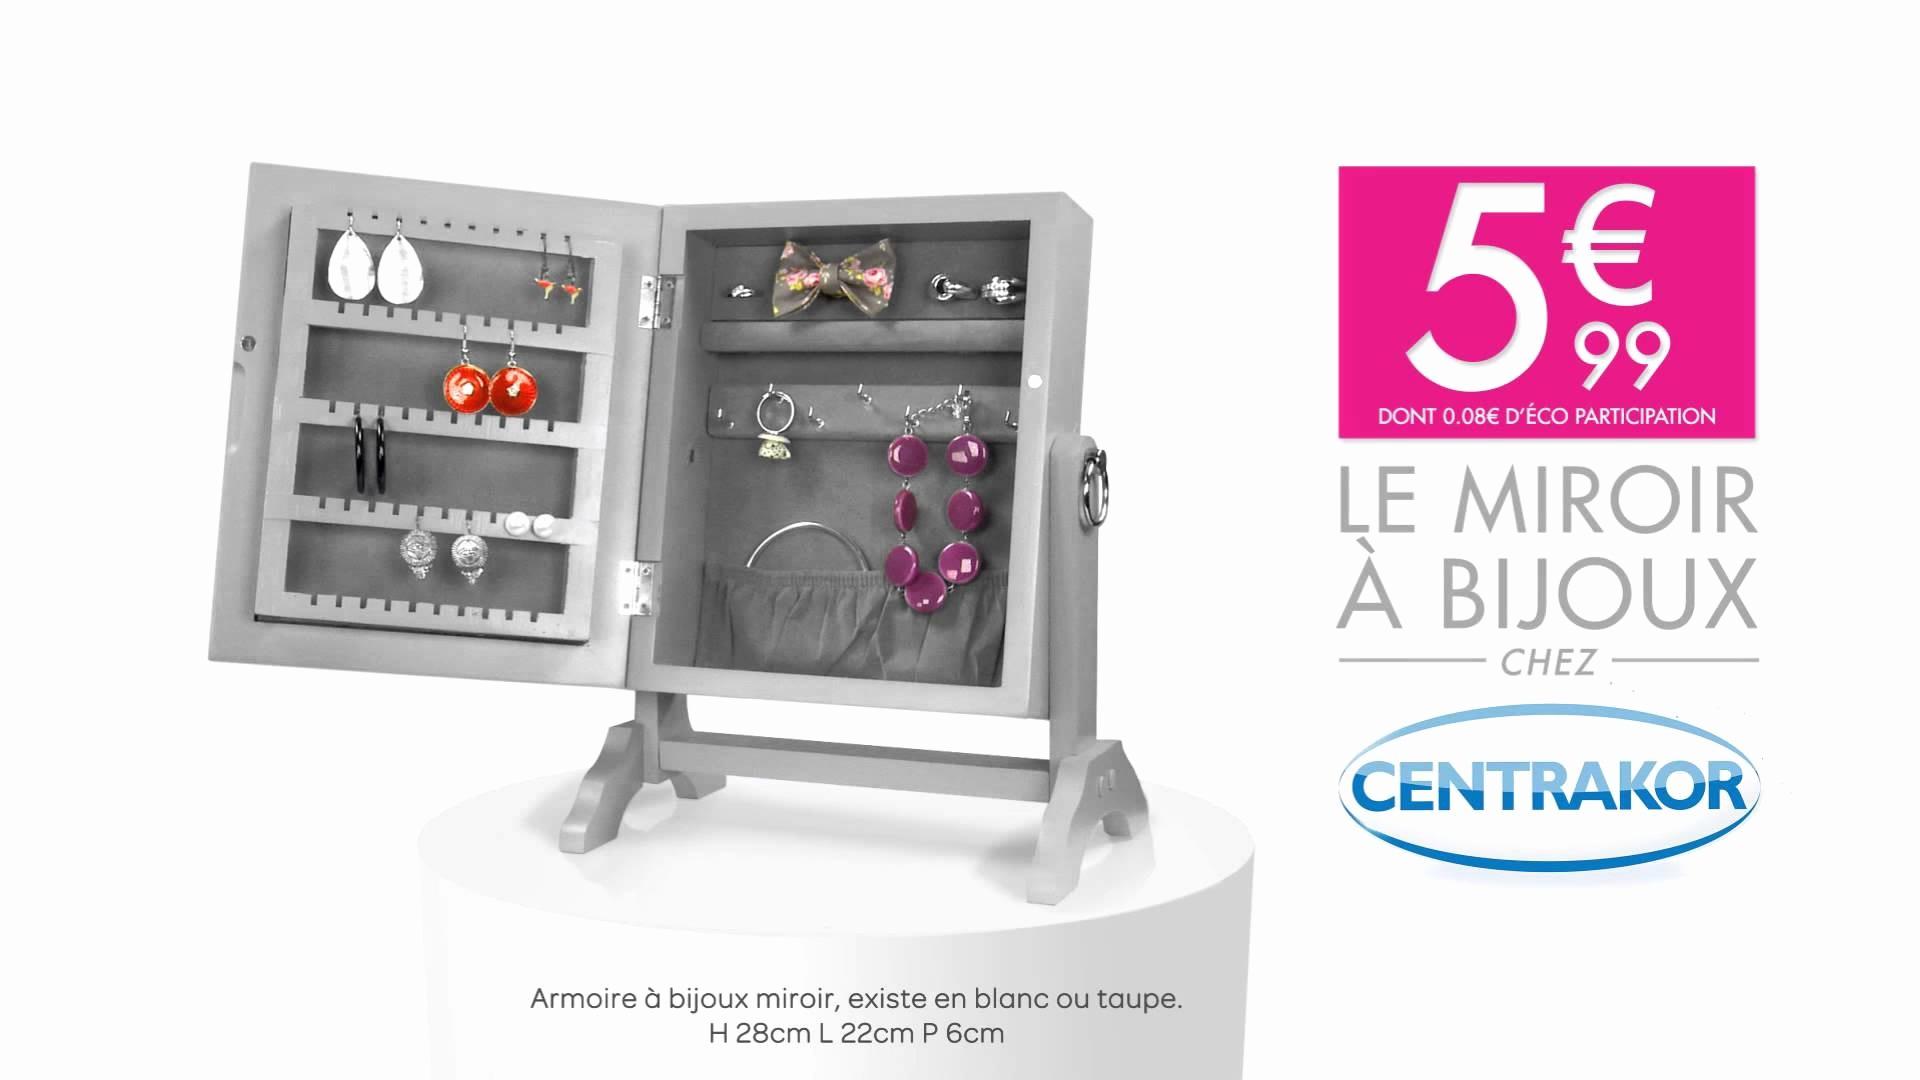 Centrakor Boite De Rangement Luxe Photographie Les 15 Luxe Meuble De Rangement De Salle De Bain Image